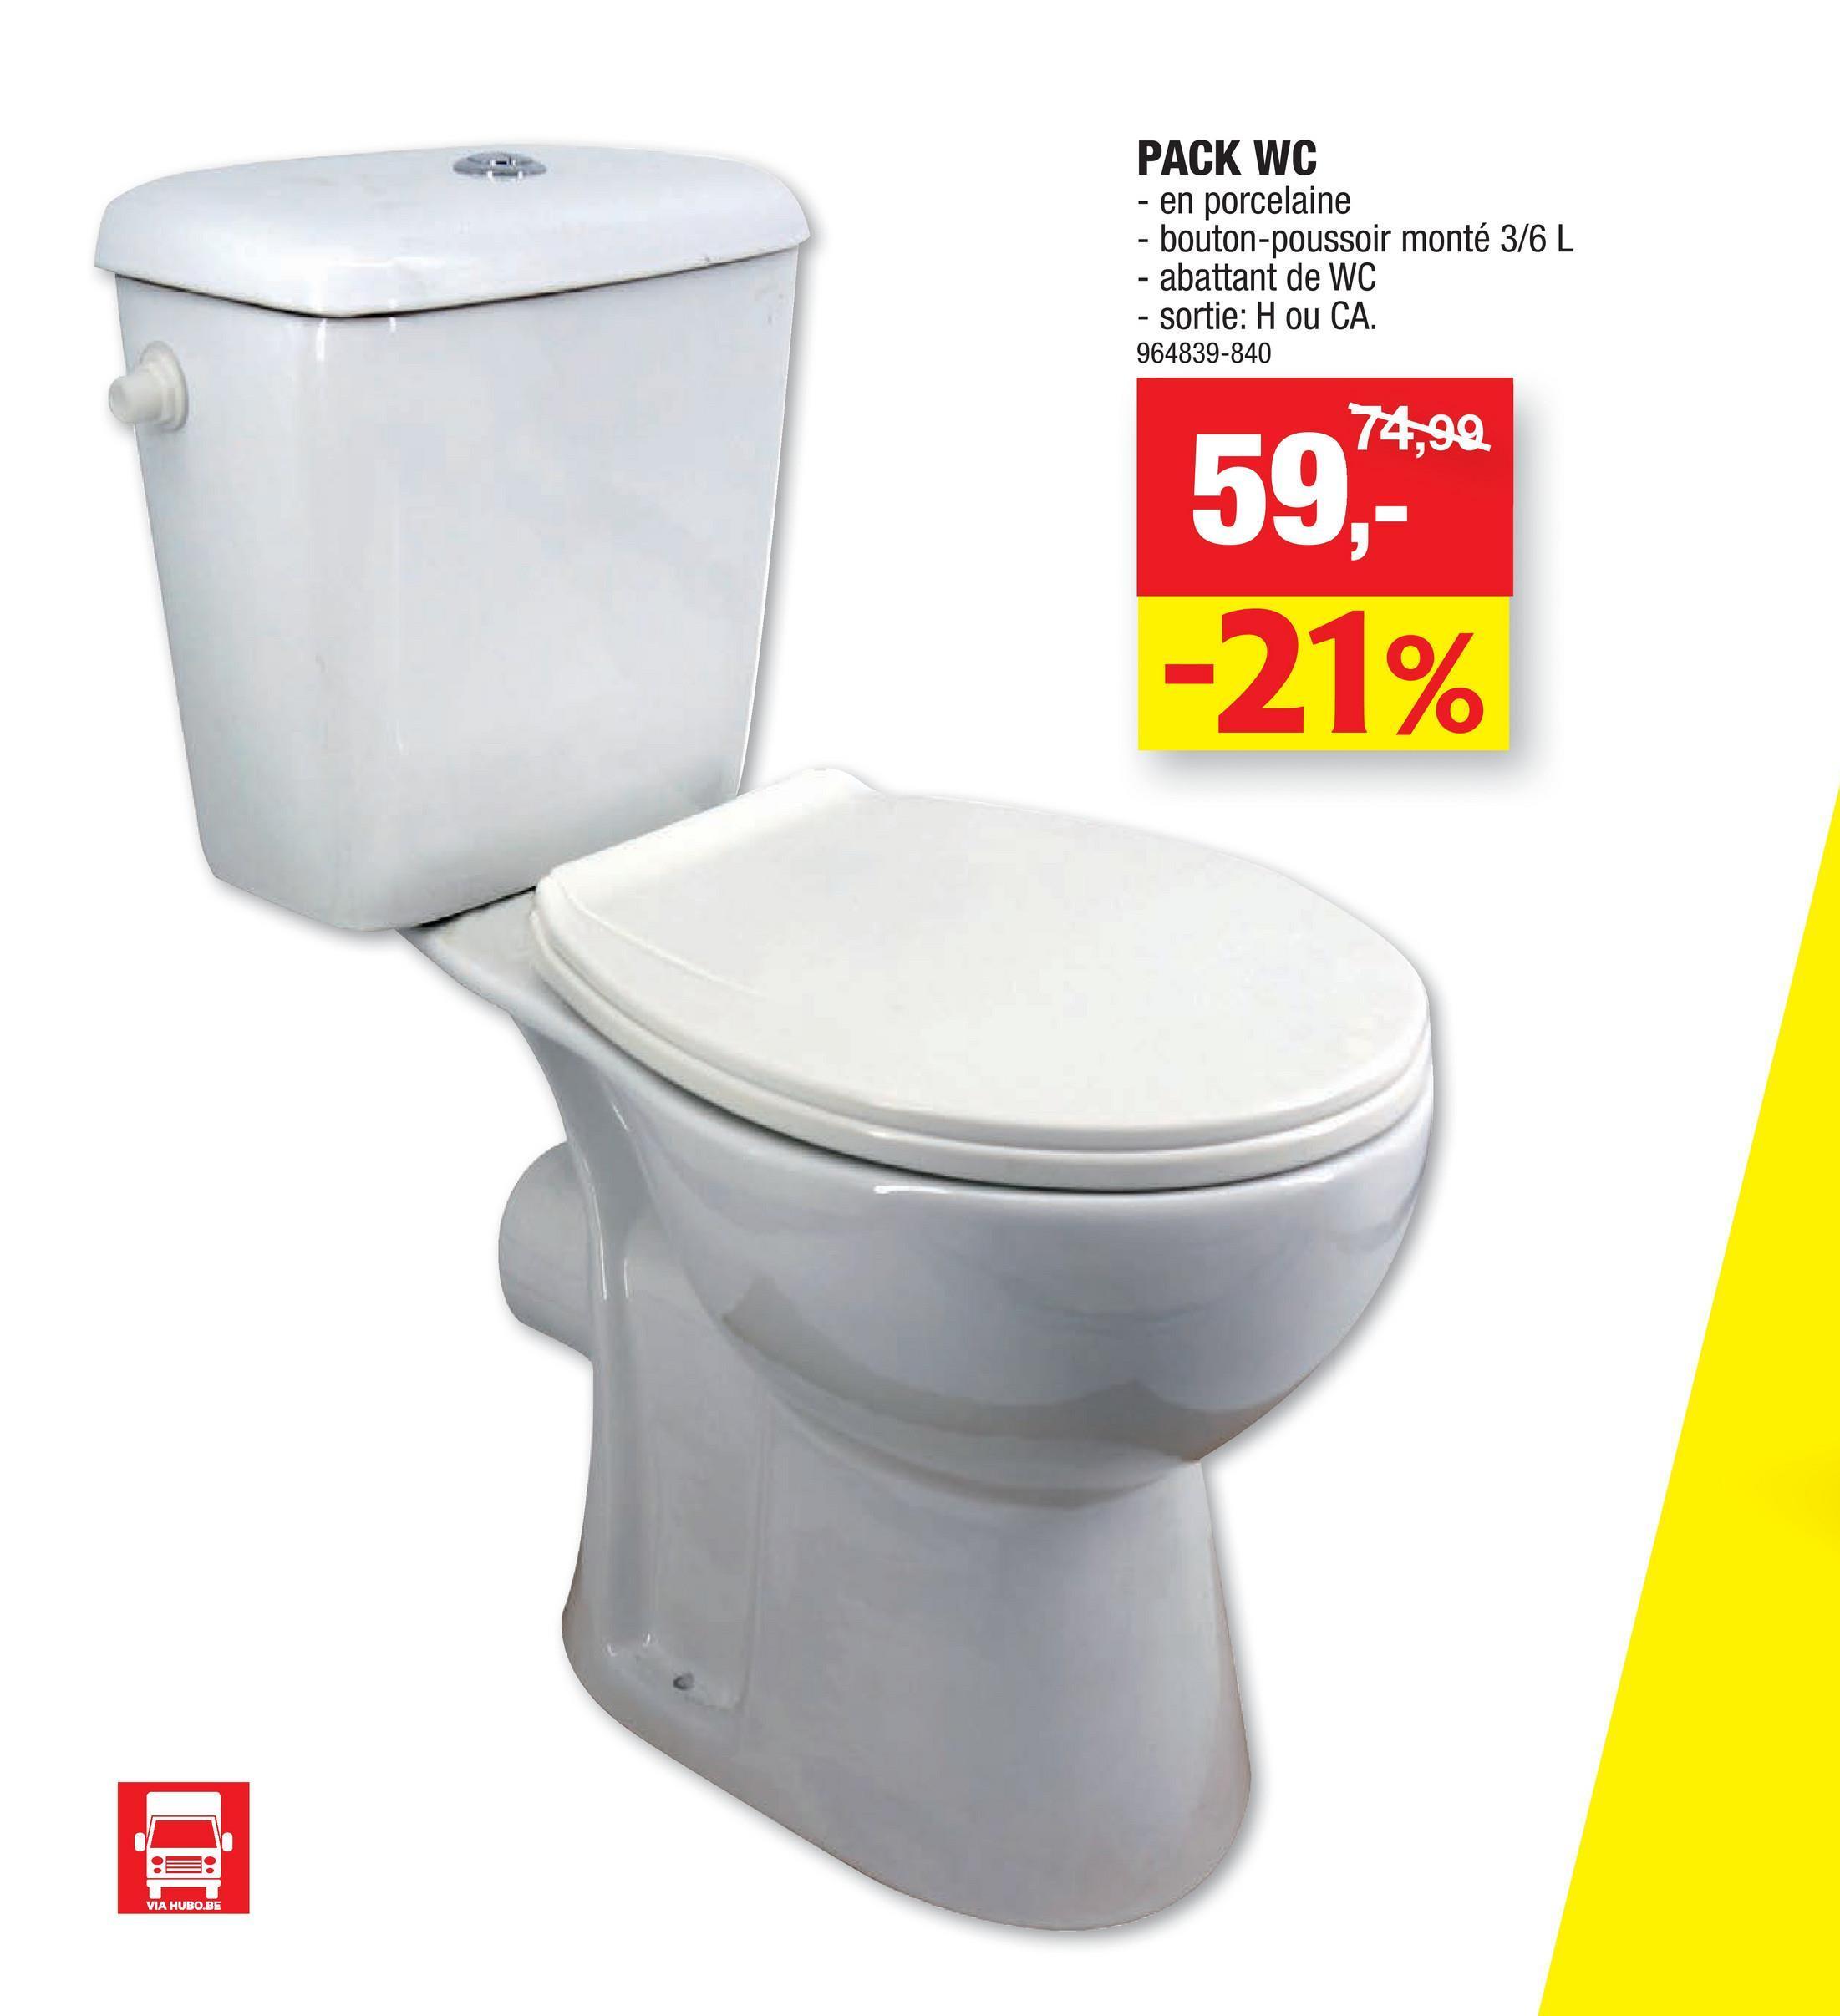 PACK WC - en porcelaine - bouton-poussoir monté 3/6 L - abattant de WC - sortie: H ou CA. 964839-840 74,99 59,- -21% VIA HUBO.BE